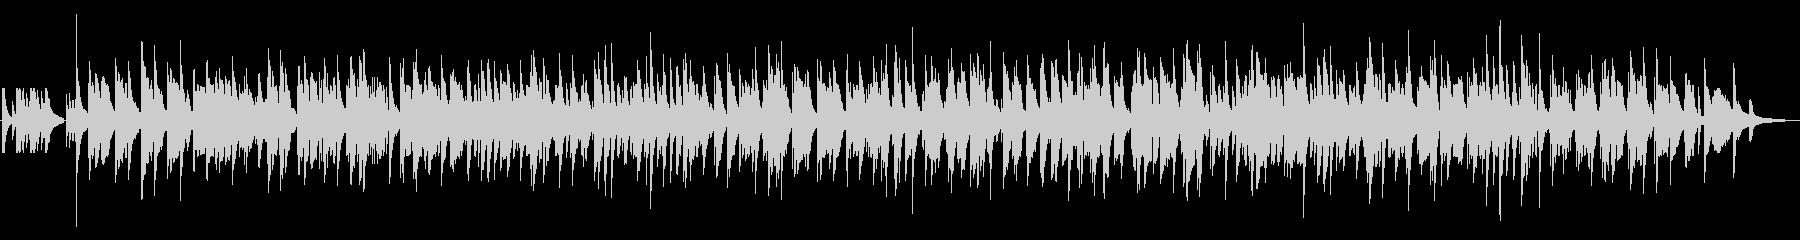 ピアノとベースのゆっくりジャズラウンジの未再生の波形